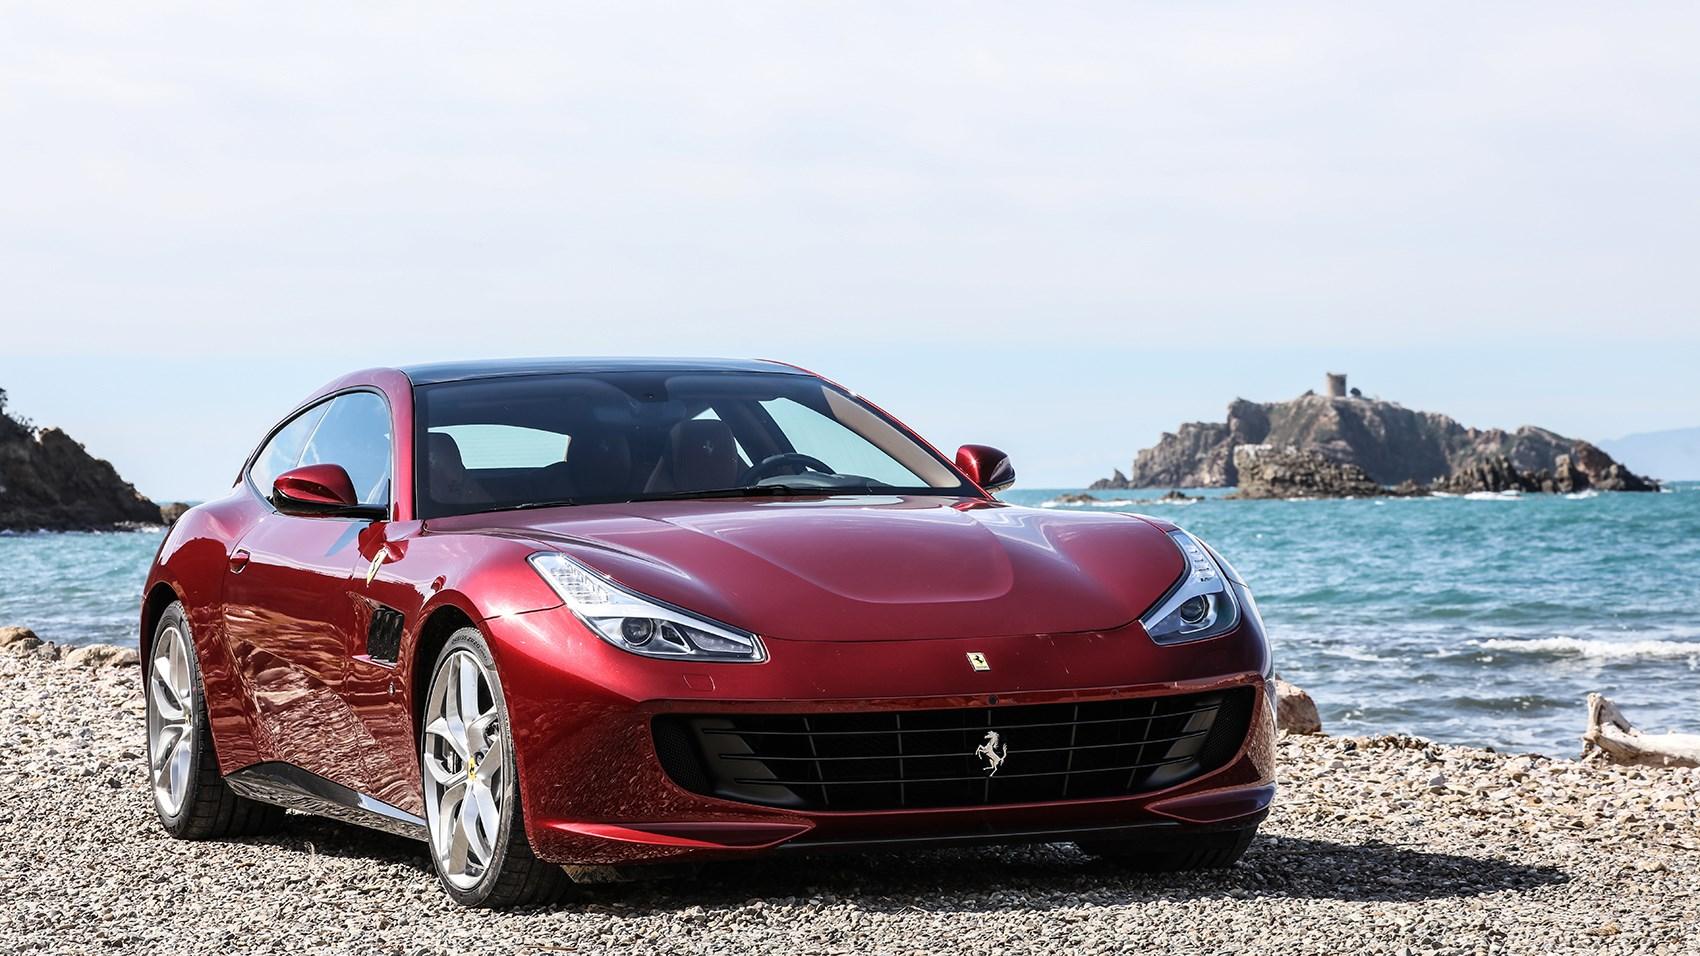 Ferrari GTC4 Lusso T review by CAR magazine